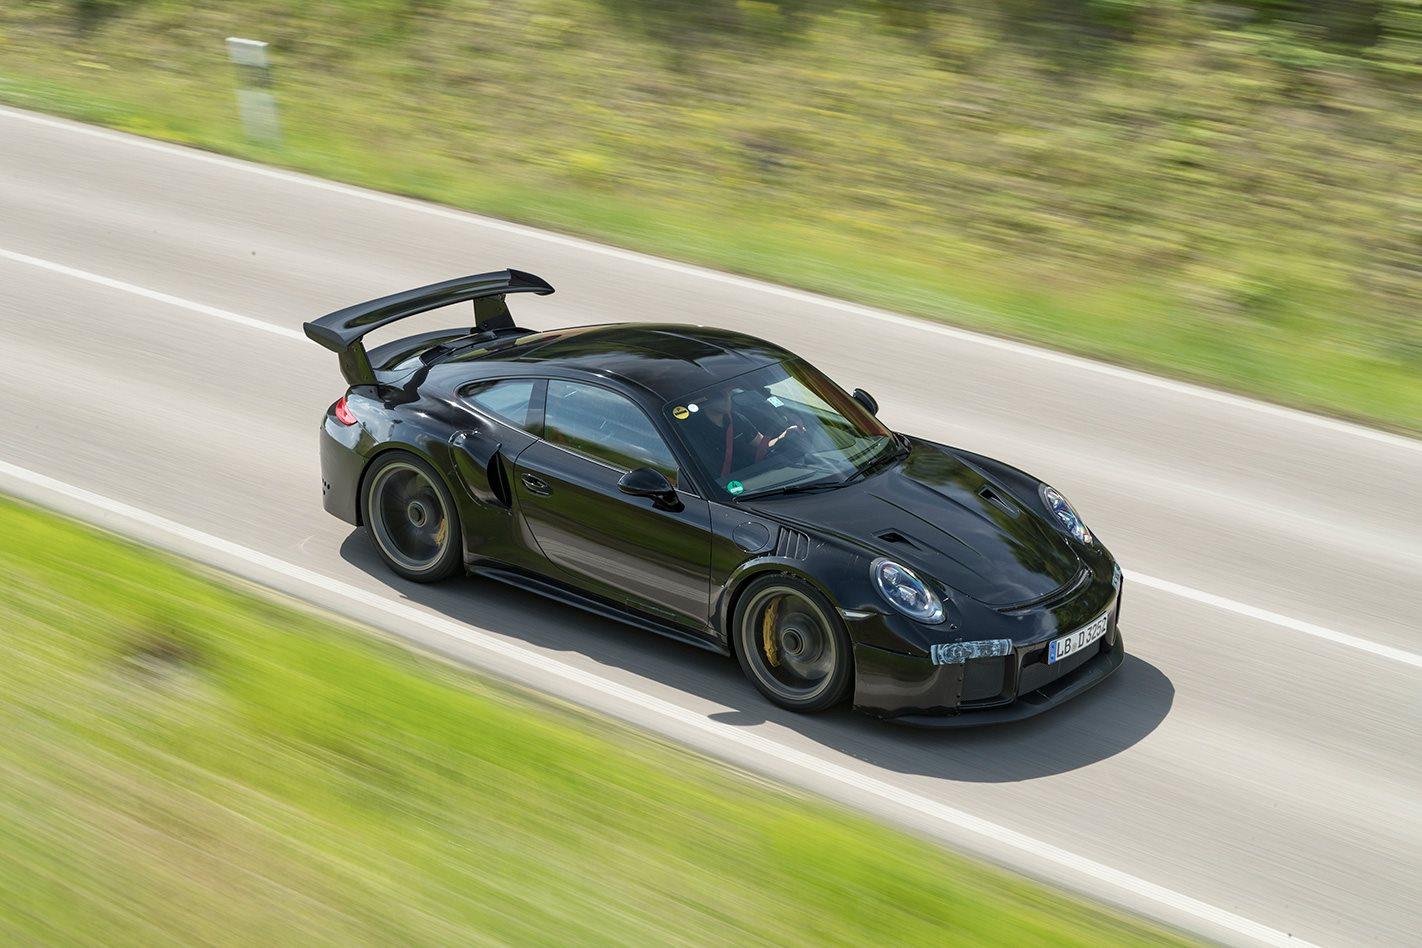 2018 Porsche 911 GT2 RS birdseye.jpg